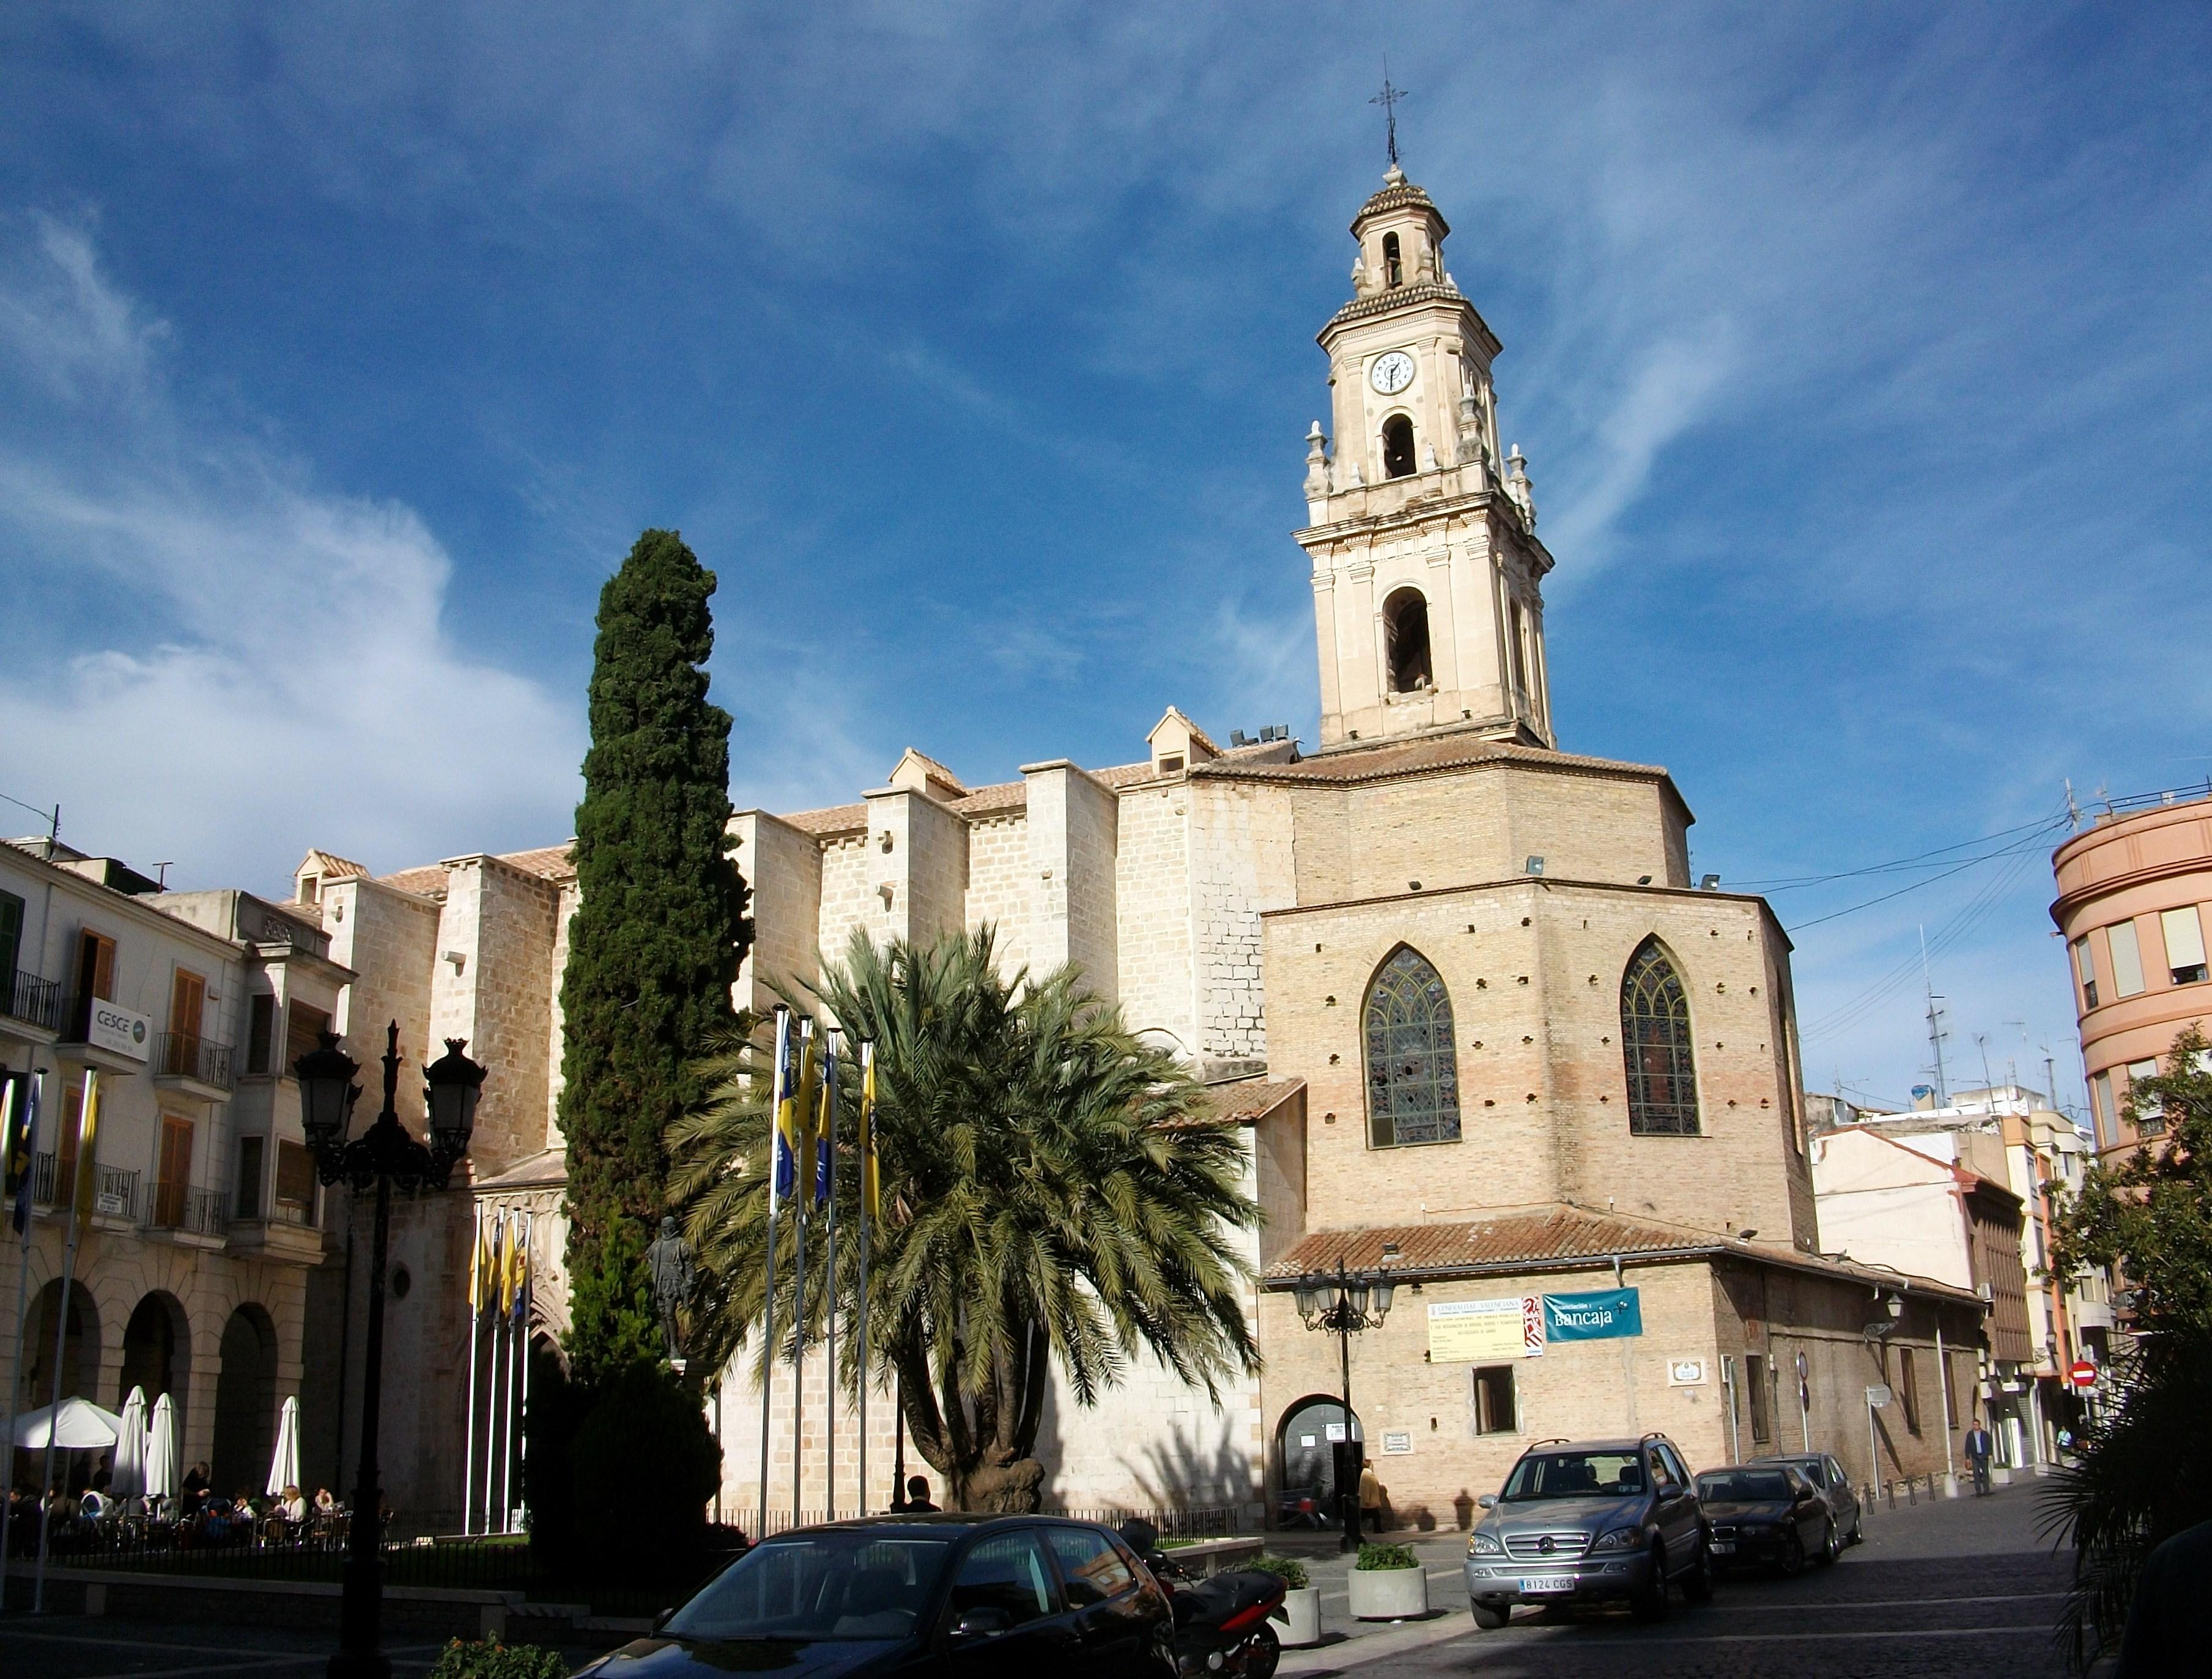 Fotografía de la Colegiata de Santa María, Gandía